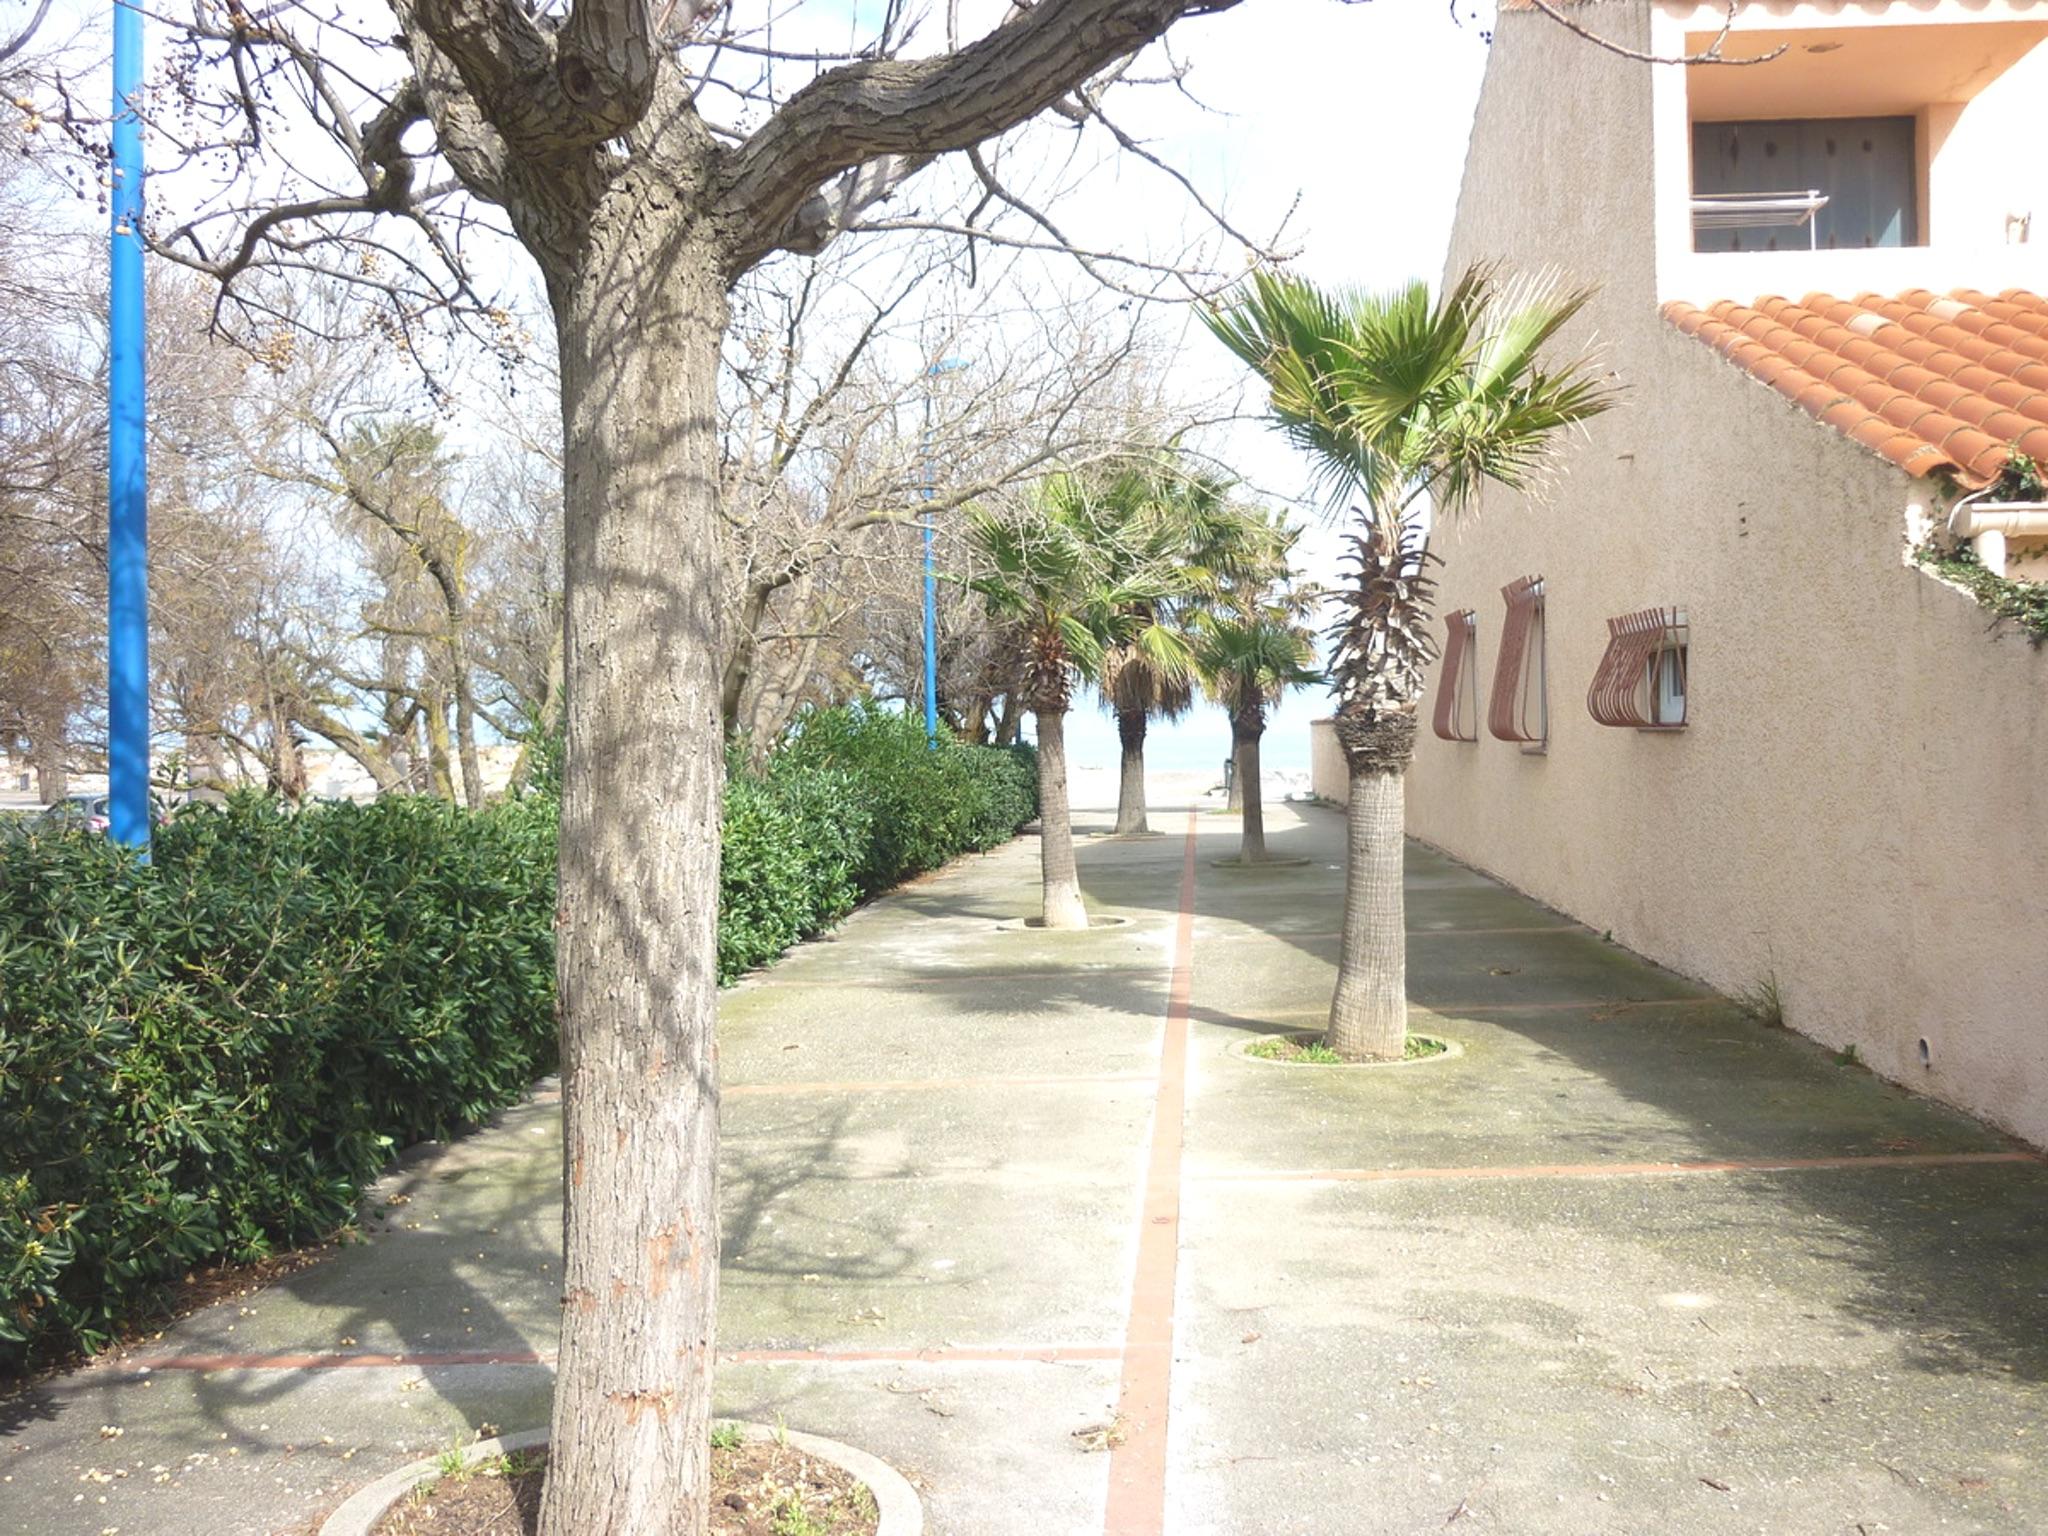 Ferienhaus Haus mit 2 Zimmern in Sainte-Marie mit eingezäuntem Garten - 150 m vom Strand entfernt (2202719), Sainte Marie la Mer, Mittelmeerküste Pyrénées-Orientales, Languedoc-Roussillon, Frankreich, Bild 25